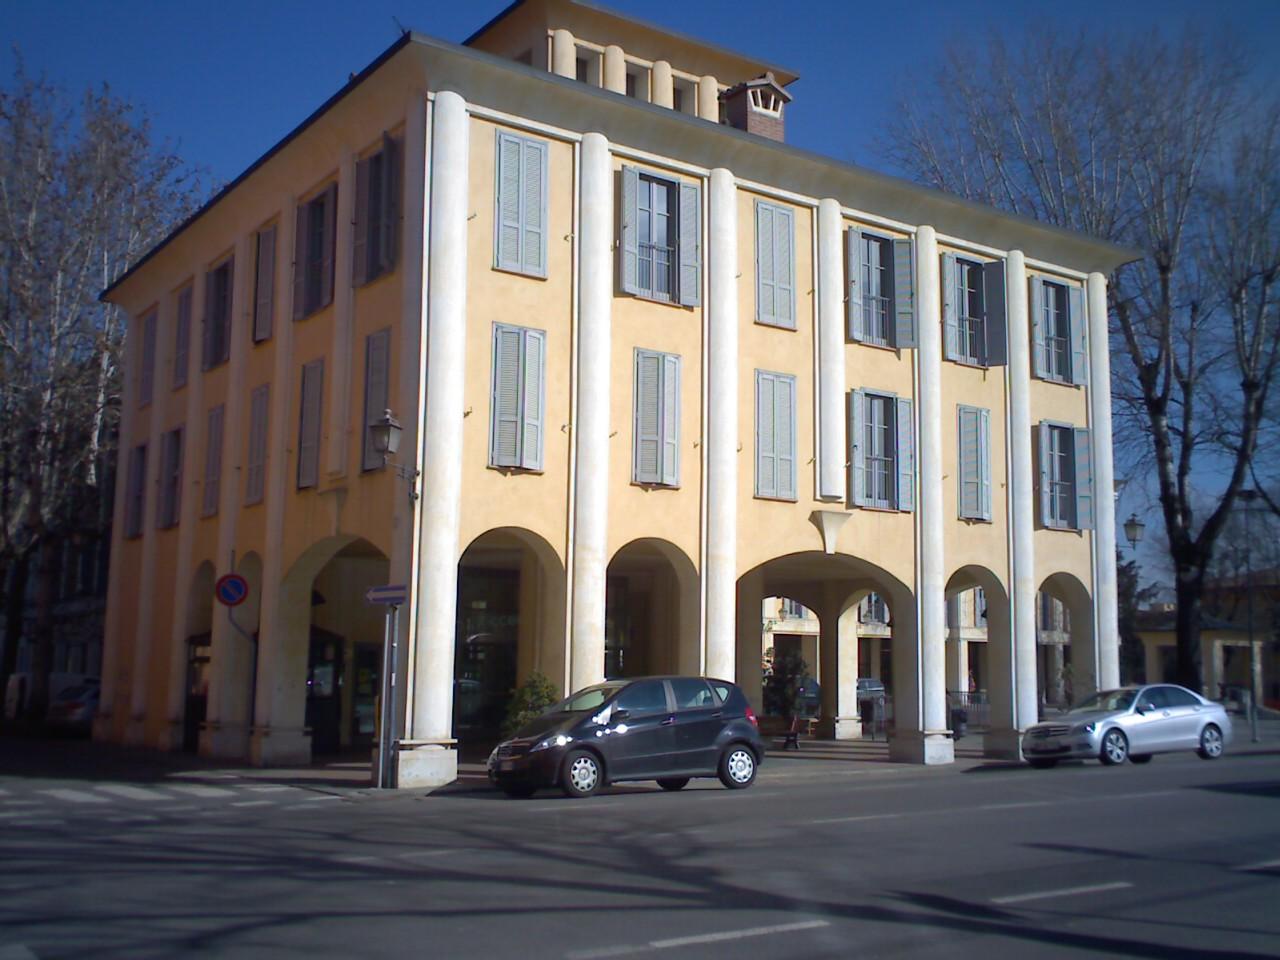 Болонья - здания с колоннами